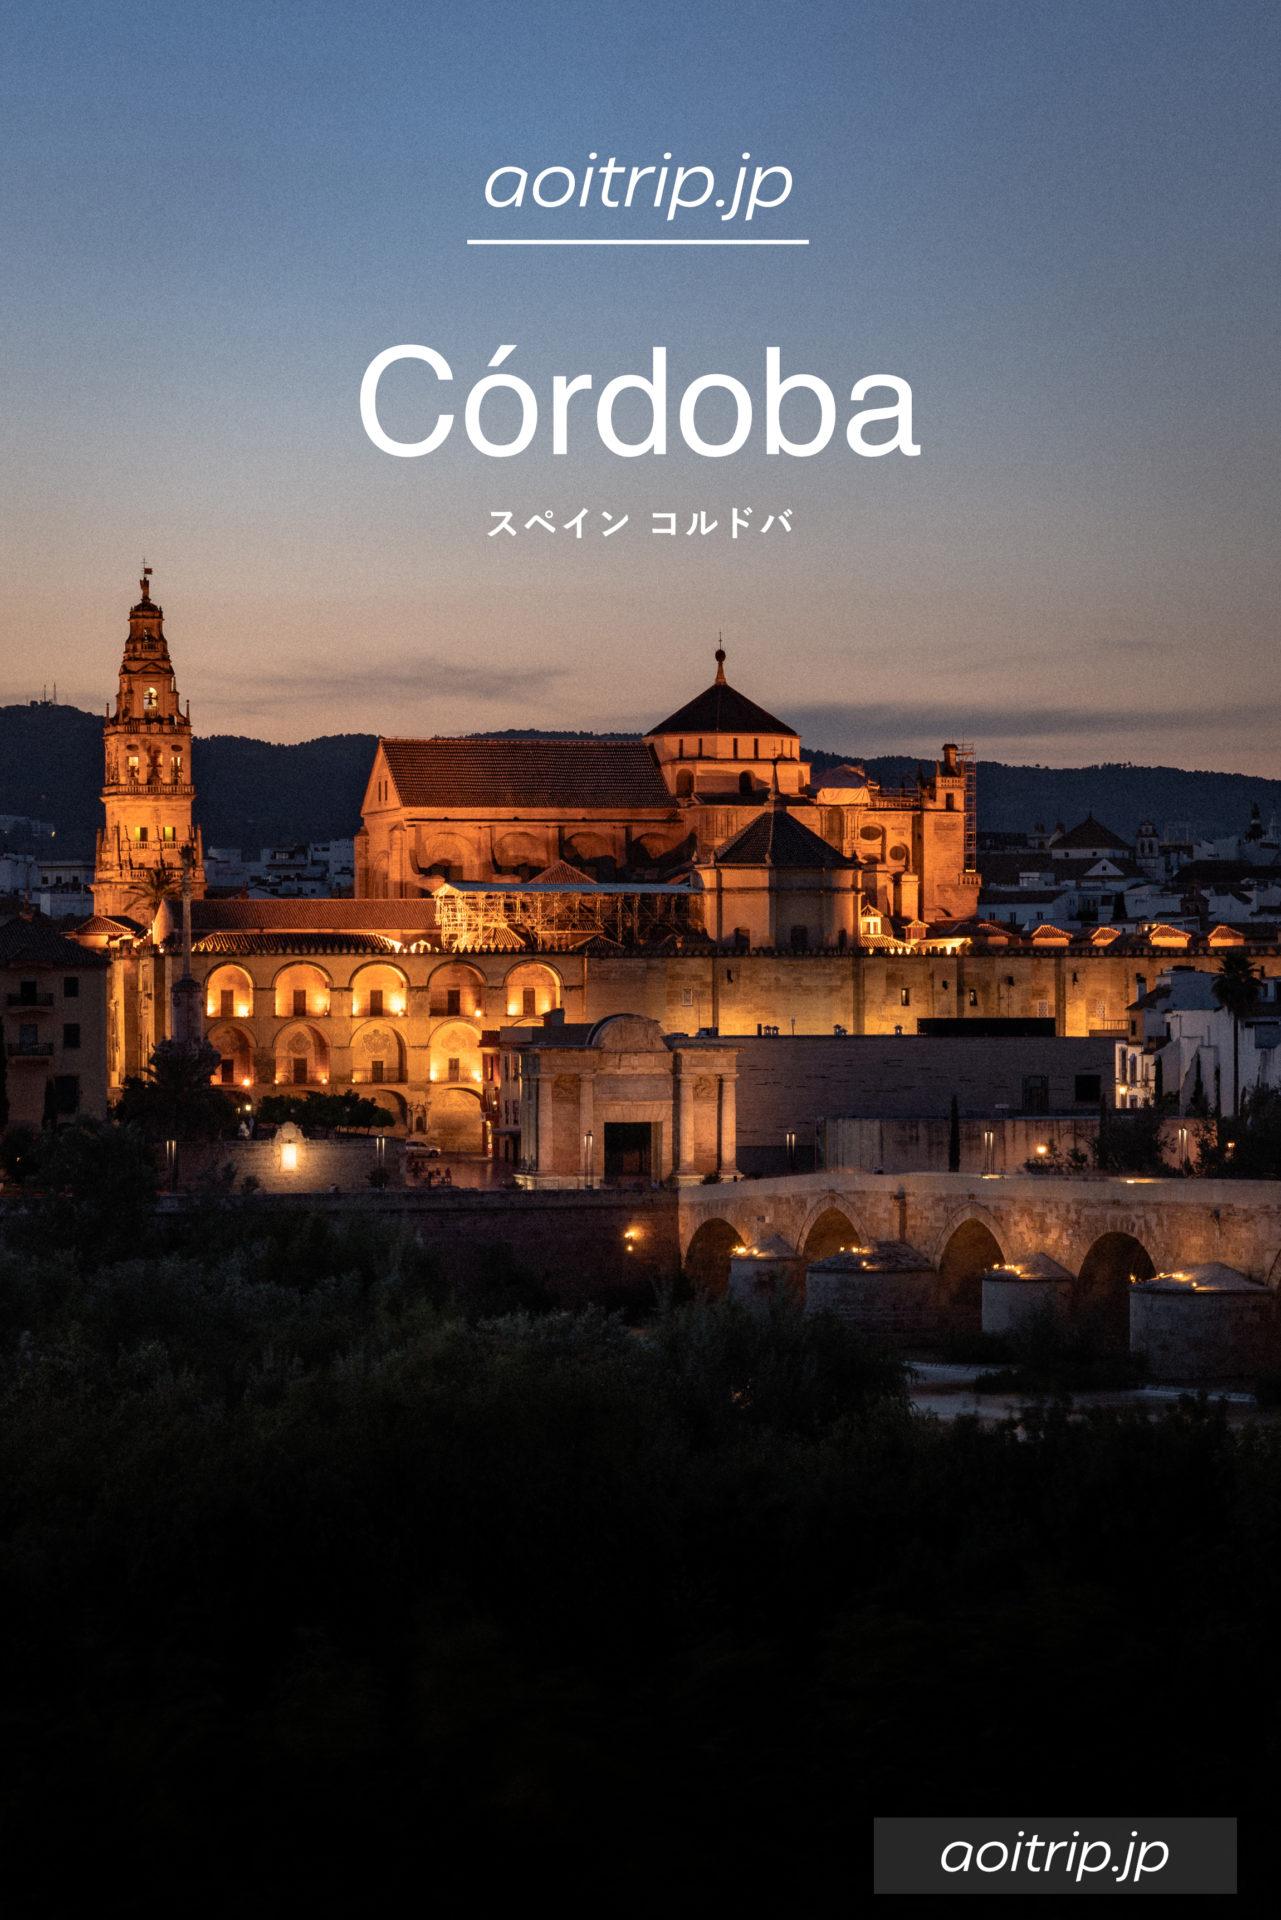 スペイン コルドバ観光の見どころ 旅行ガイド|Córdoba Travel Guide